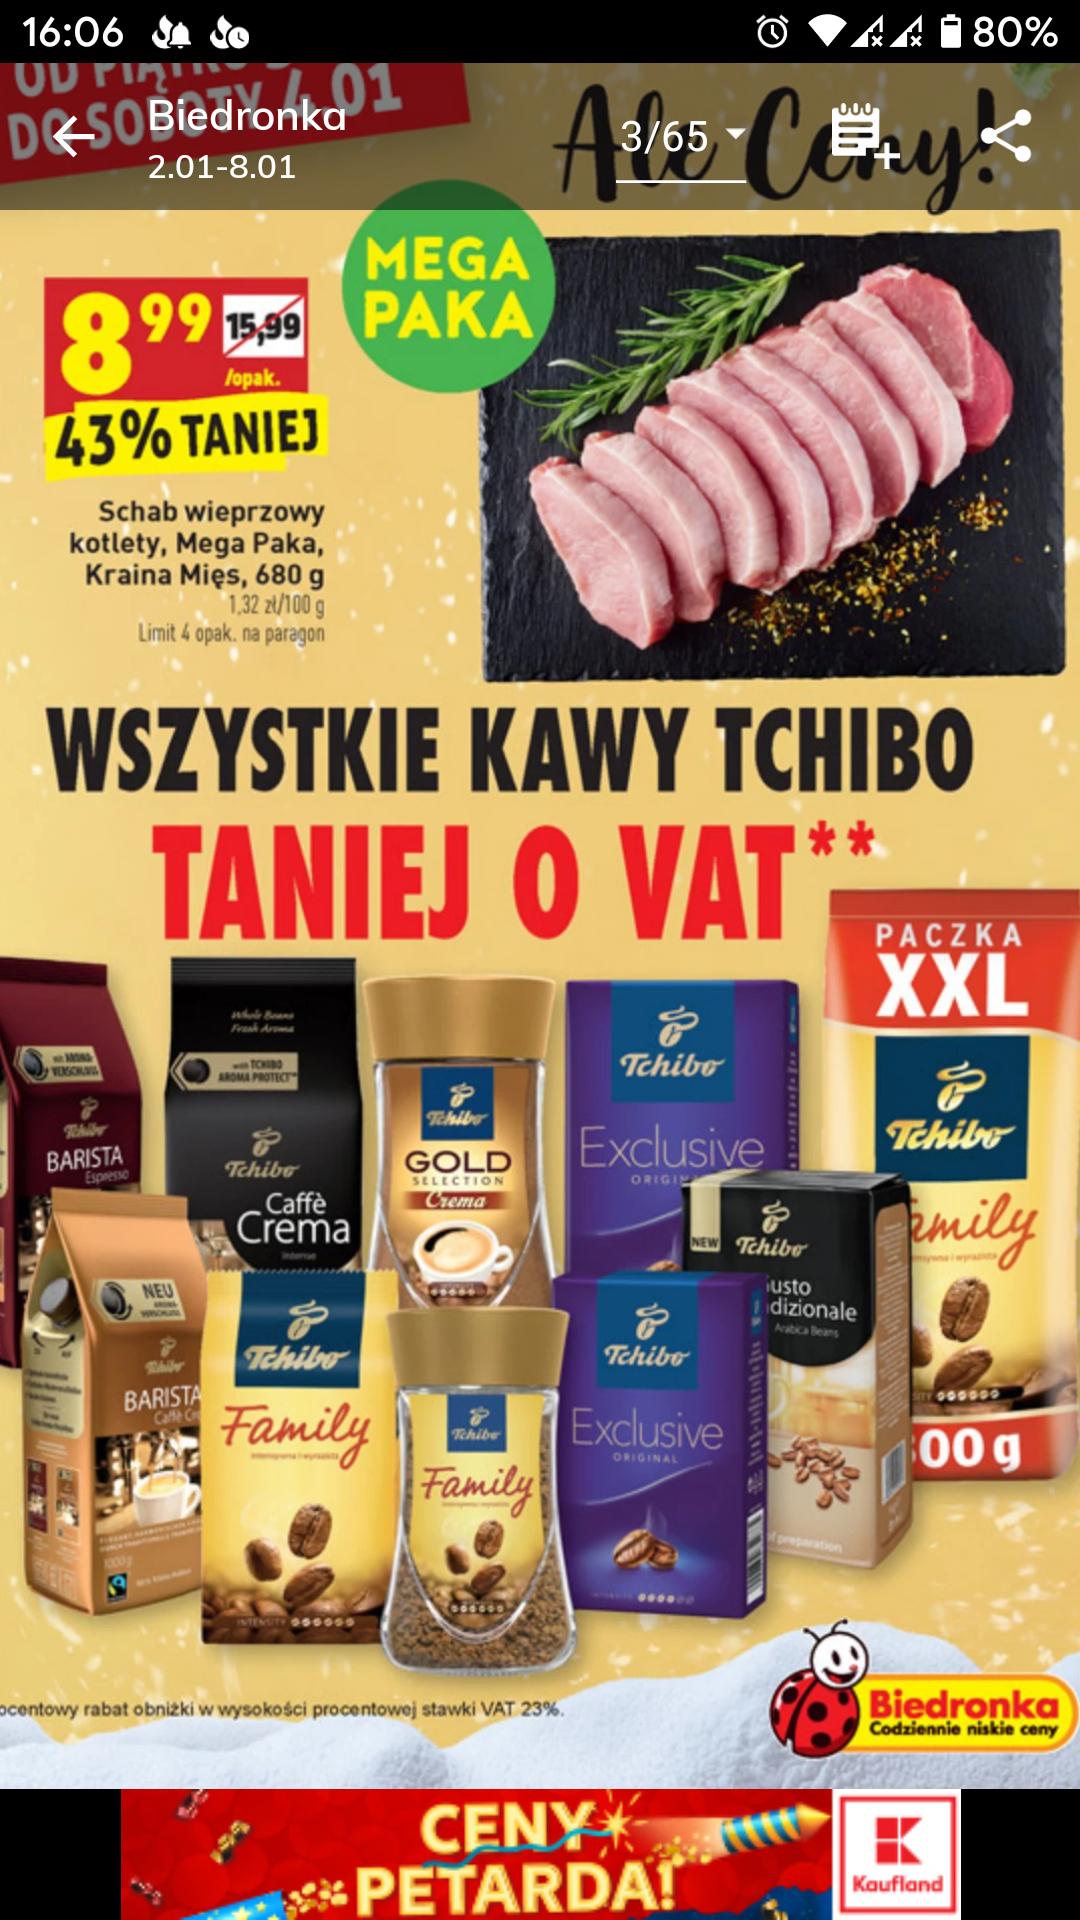 Wszystkie kawy Tchibo taniej o VAT w Biedronce - Tylko 03.01 - 04.01